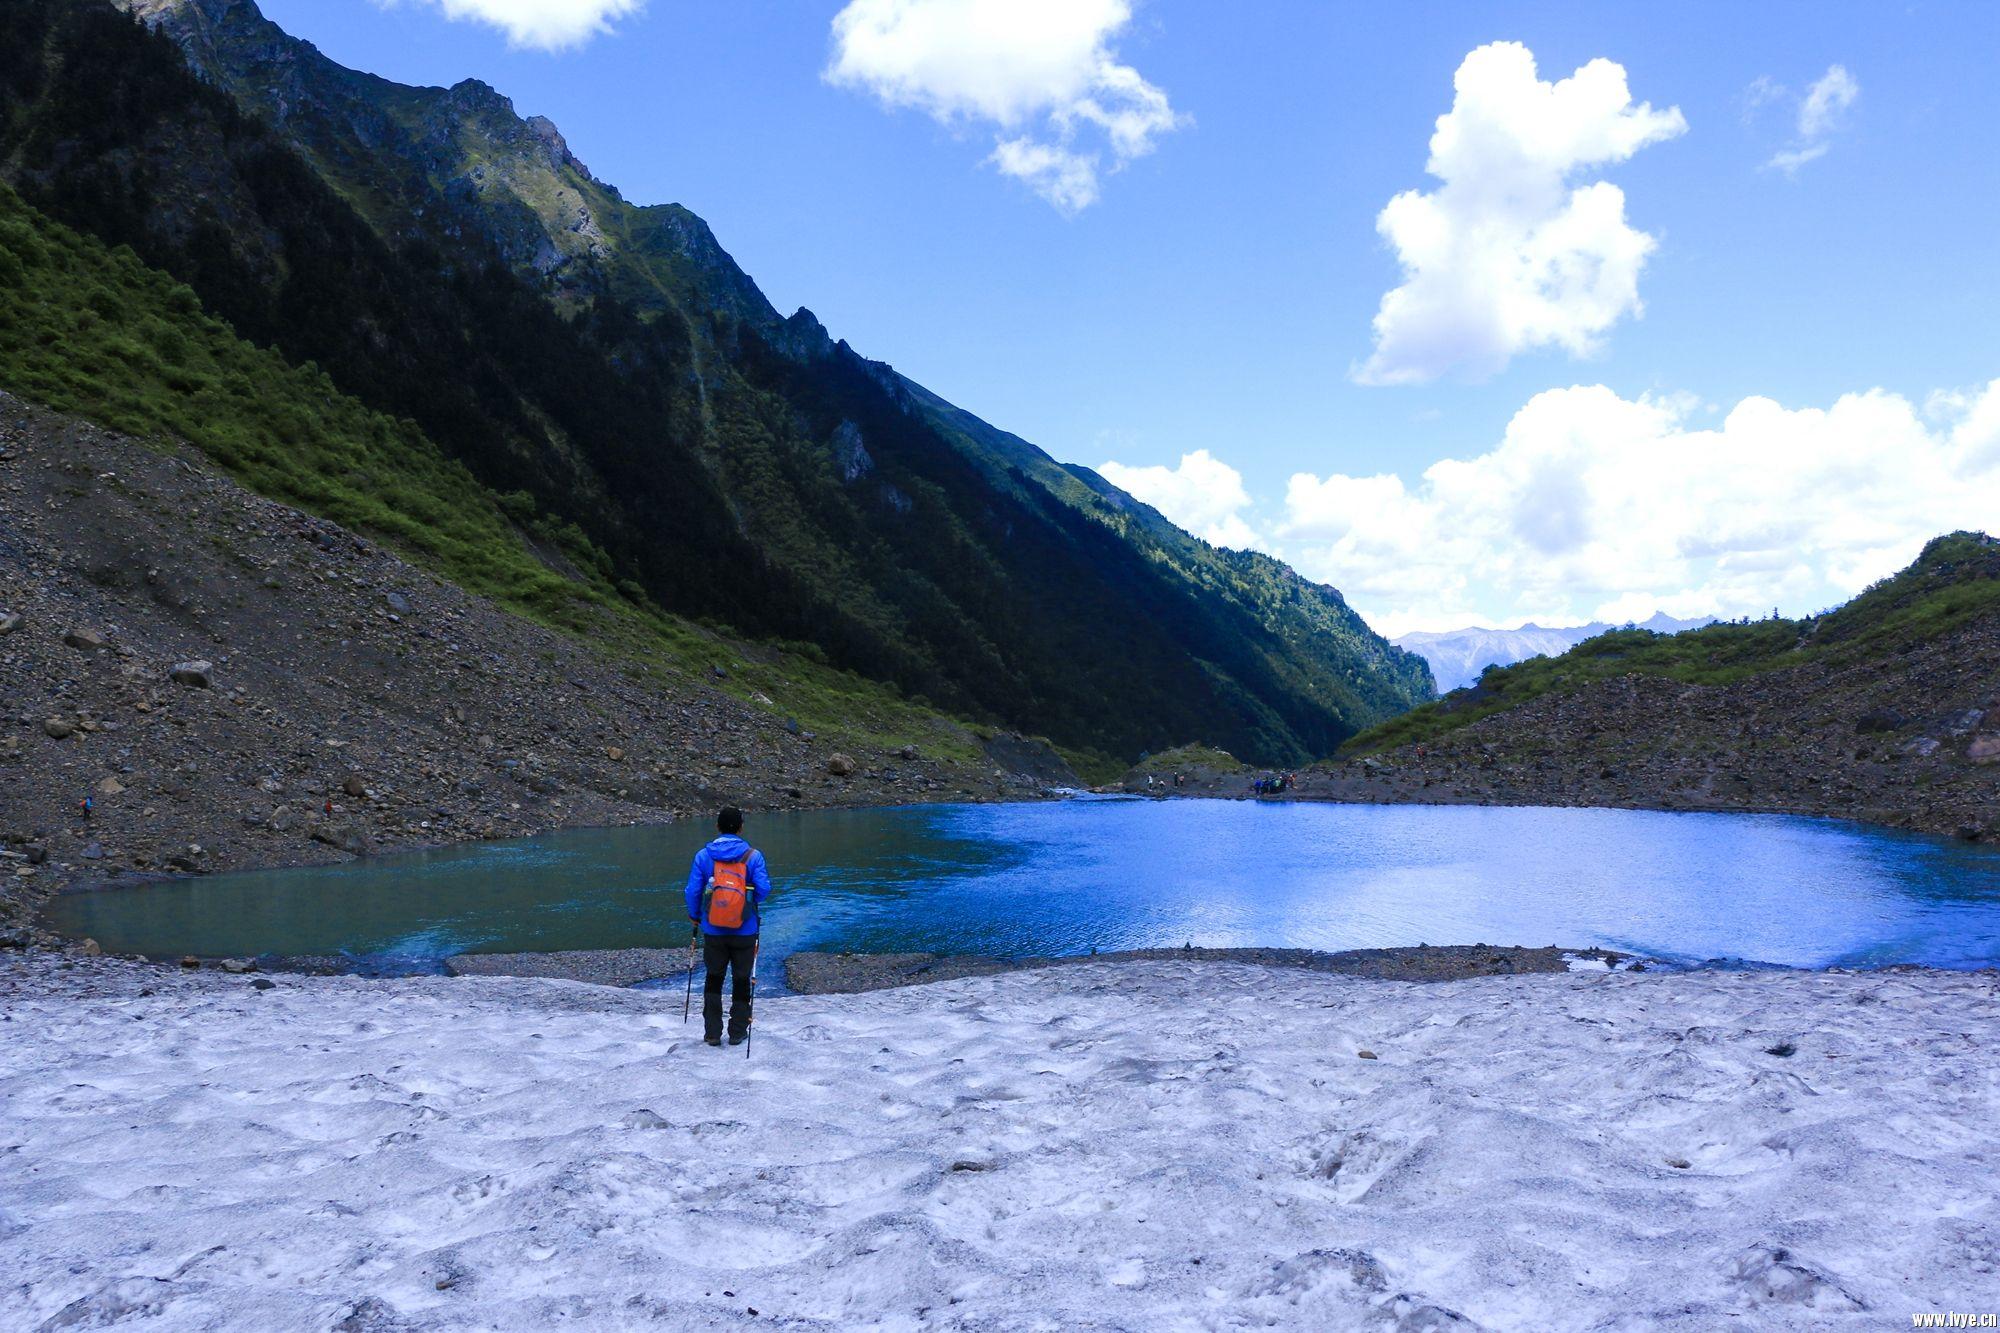 从冰川上看冰湖,是另外一番风景